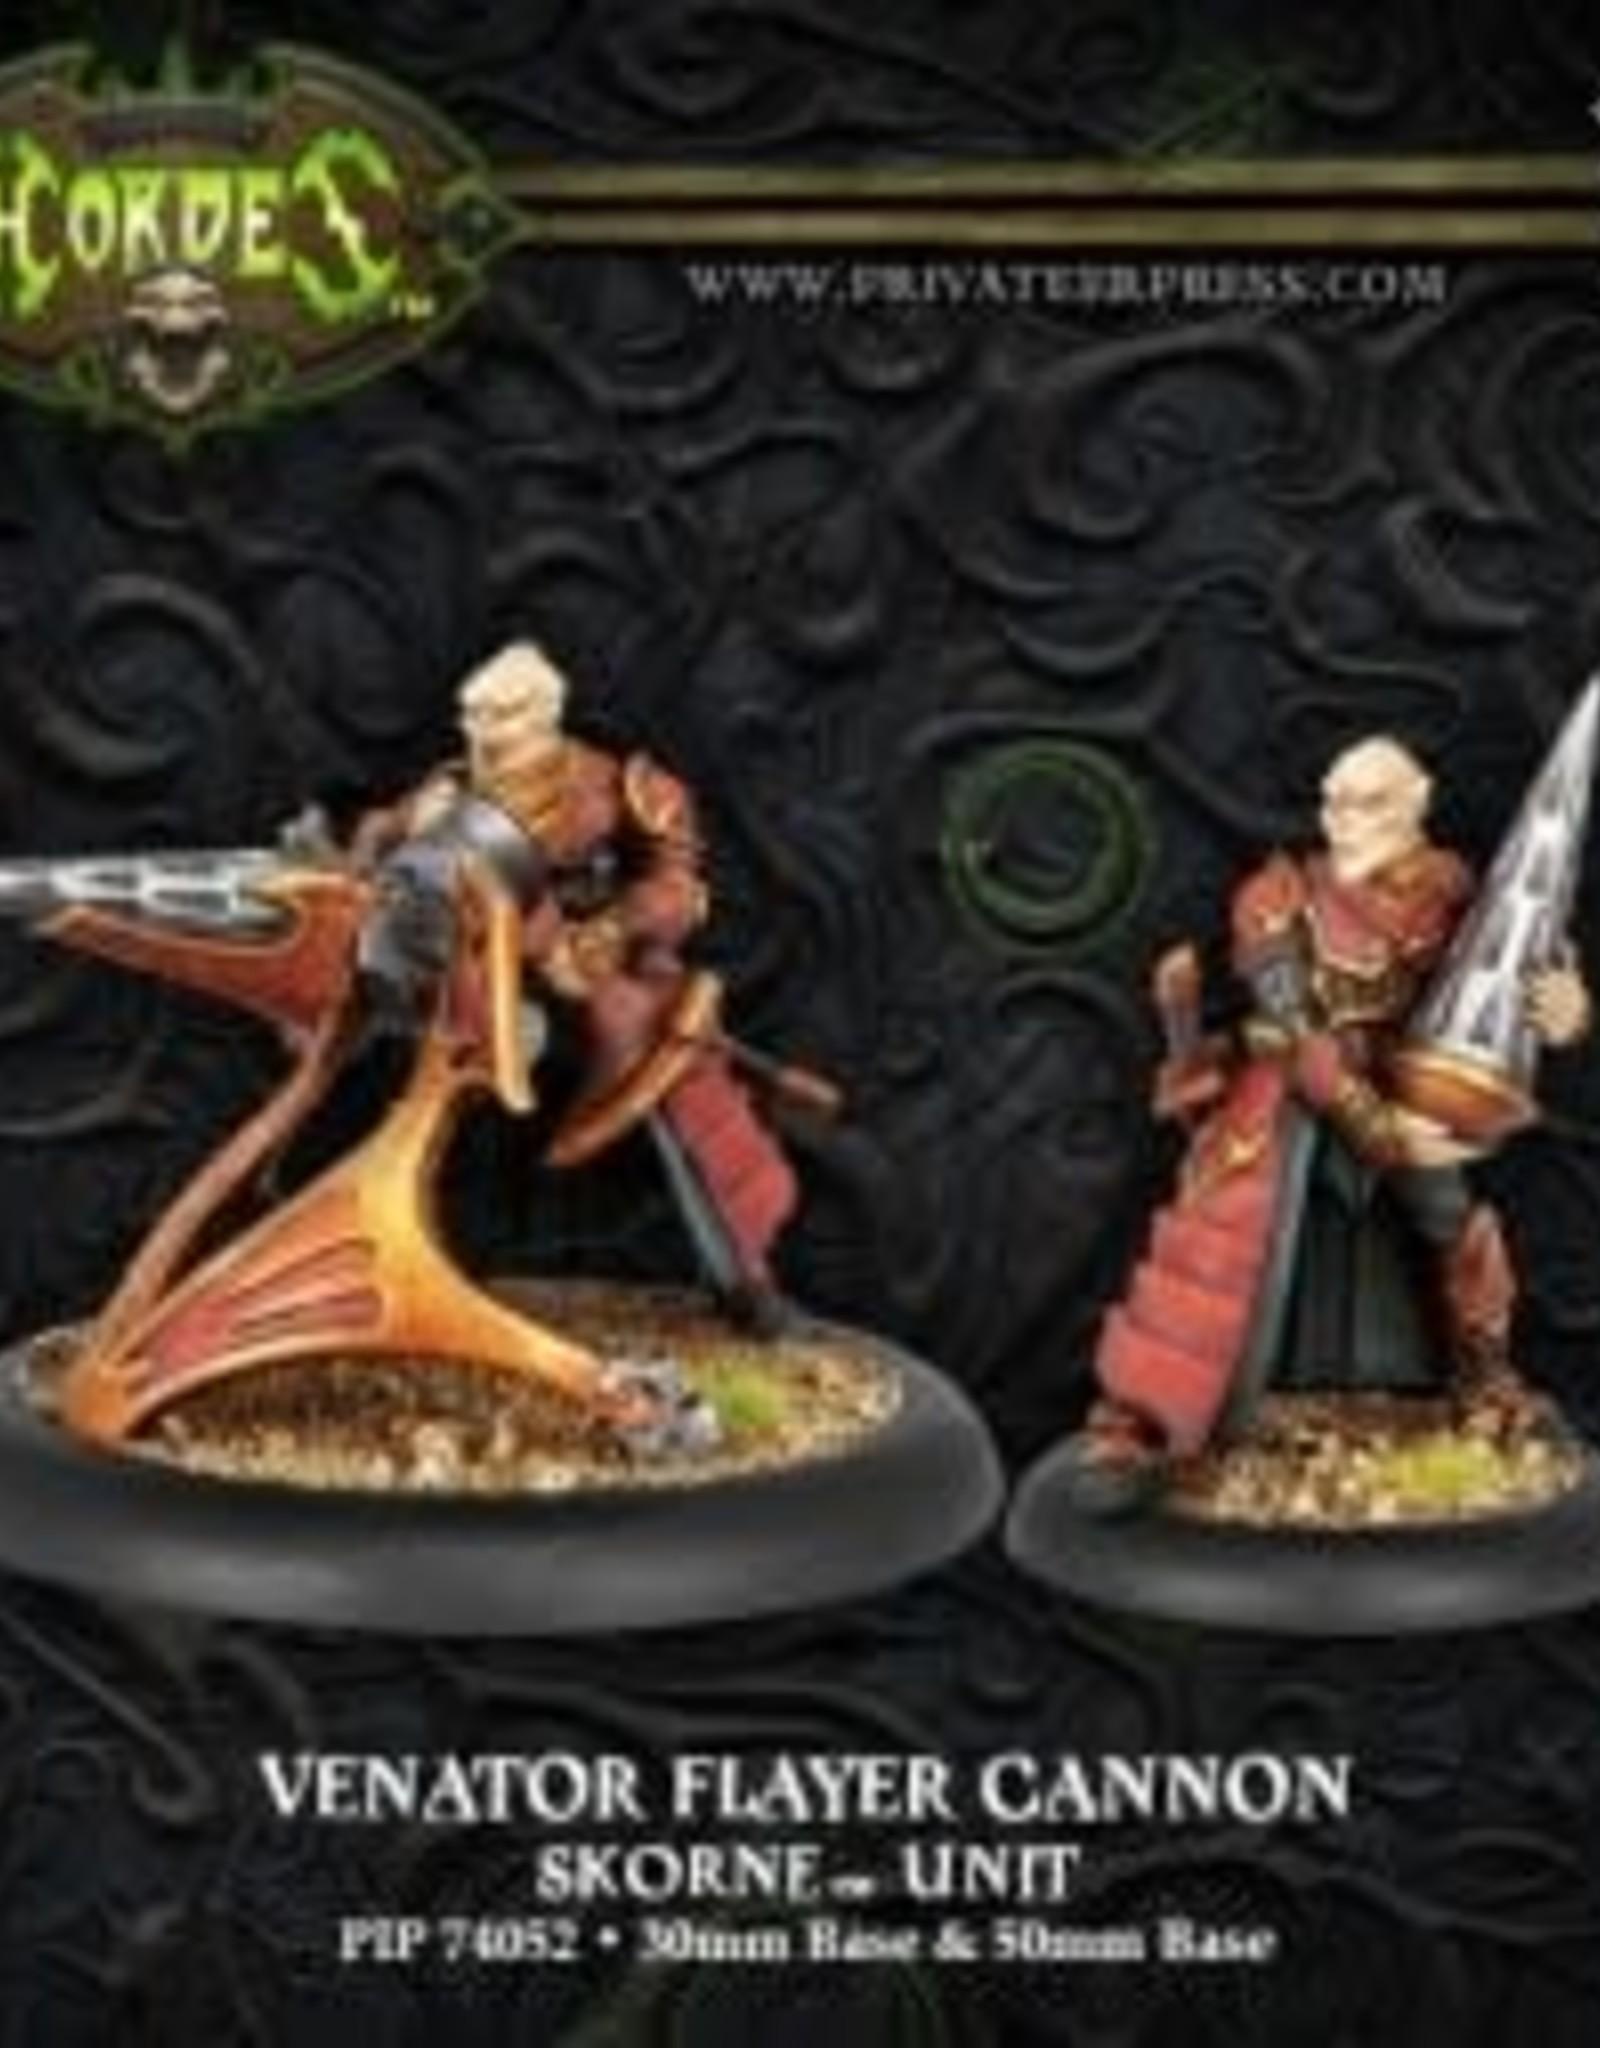 Hordes Skorne - Venator Flayer Cannon